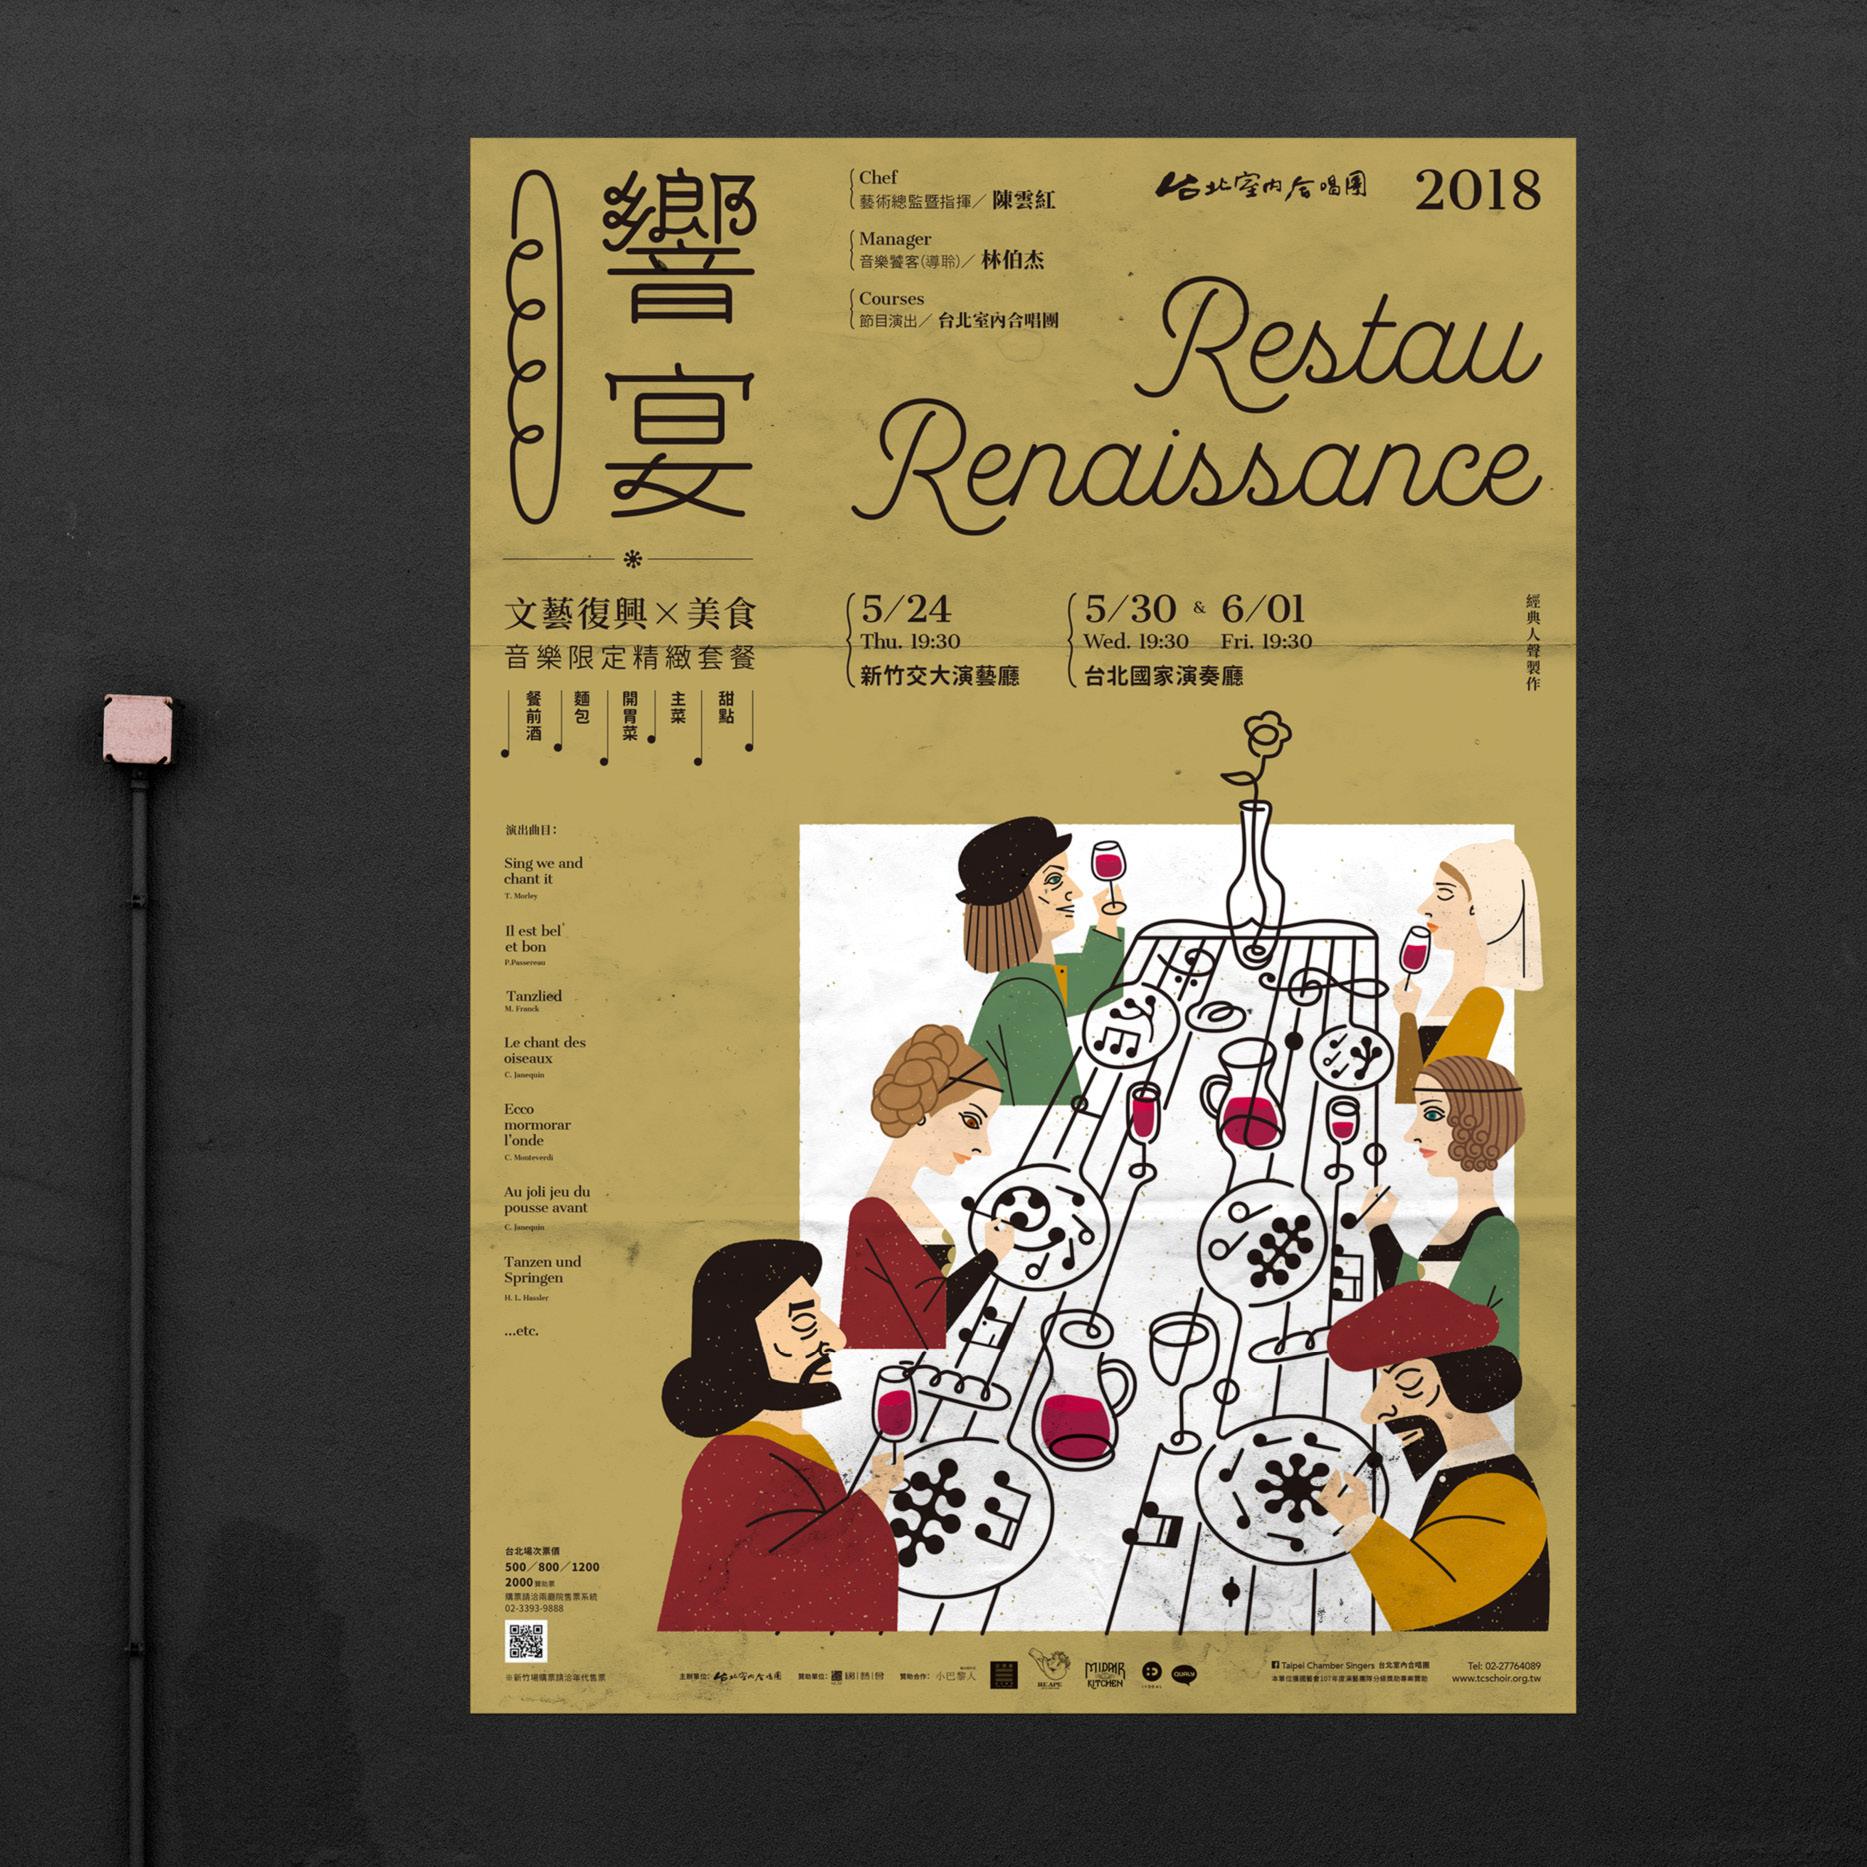 Restau Renaissance